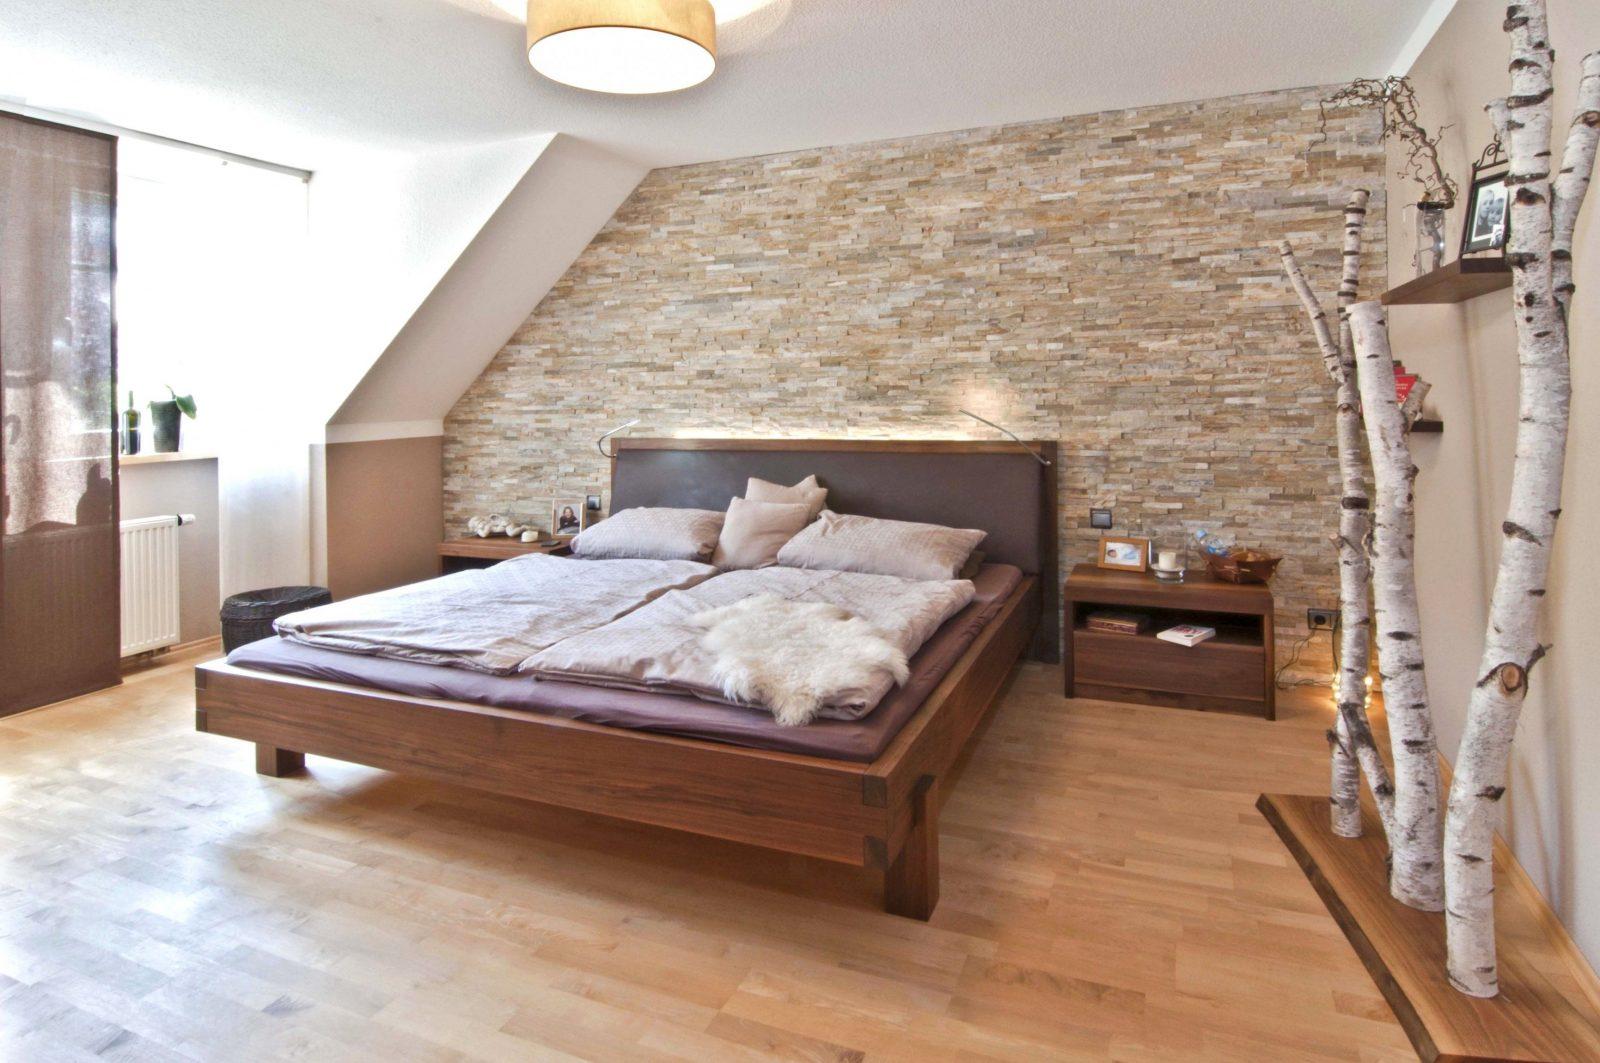 Groß Großartig Ideen Attraktive Wandgestaltung Hinter Bett Fotos Die von Bett Ideen Selber Bauen Bild